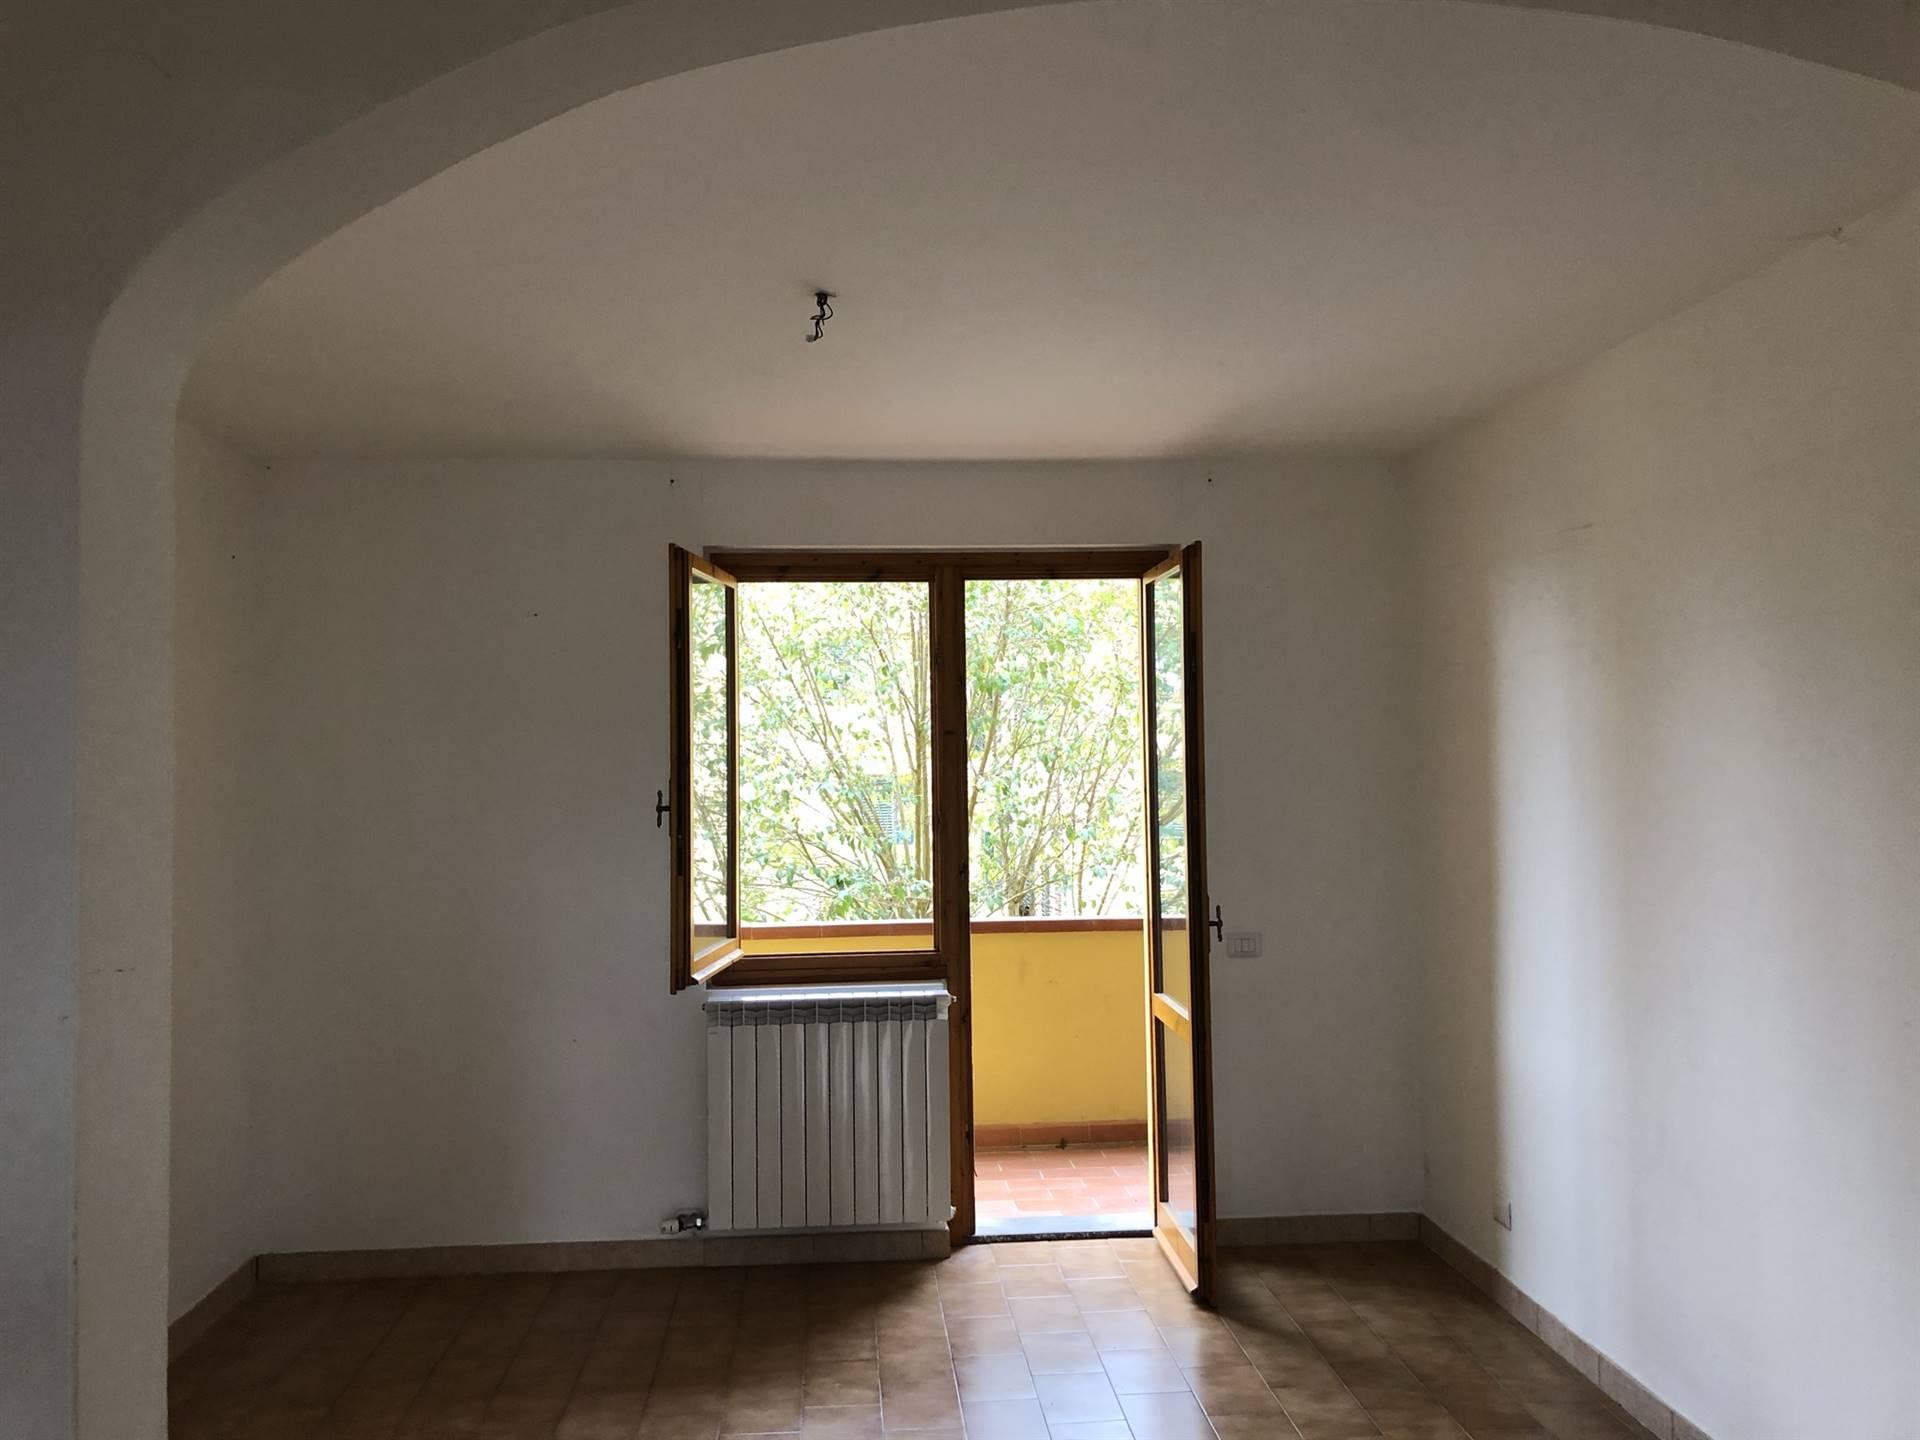 Appartamento in vendita a San Casciano in Val di Pesa, 5 locali, zona aletto, prezzo € 280.000 | PortaleAgenzieImmobiliari.it